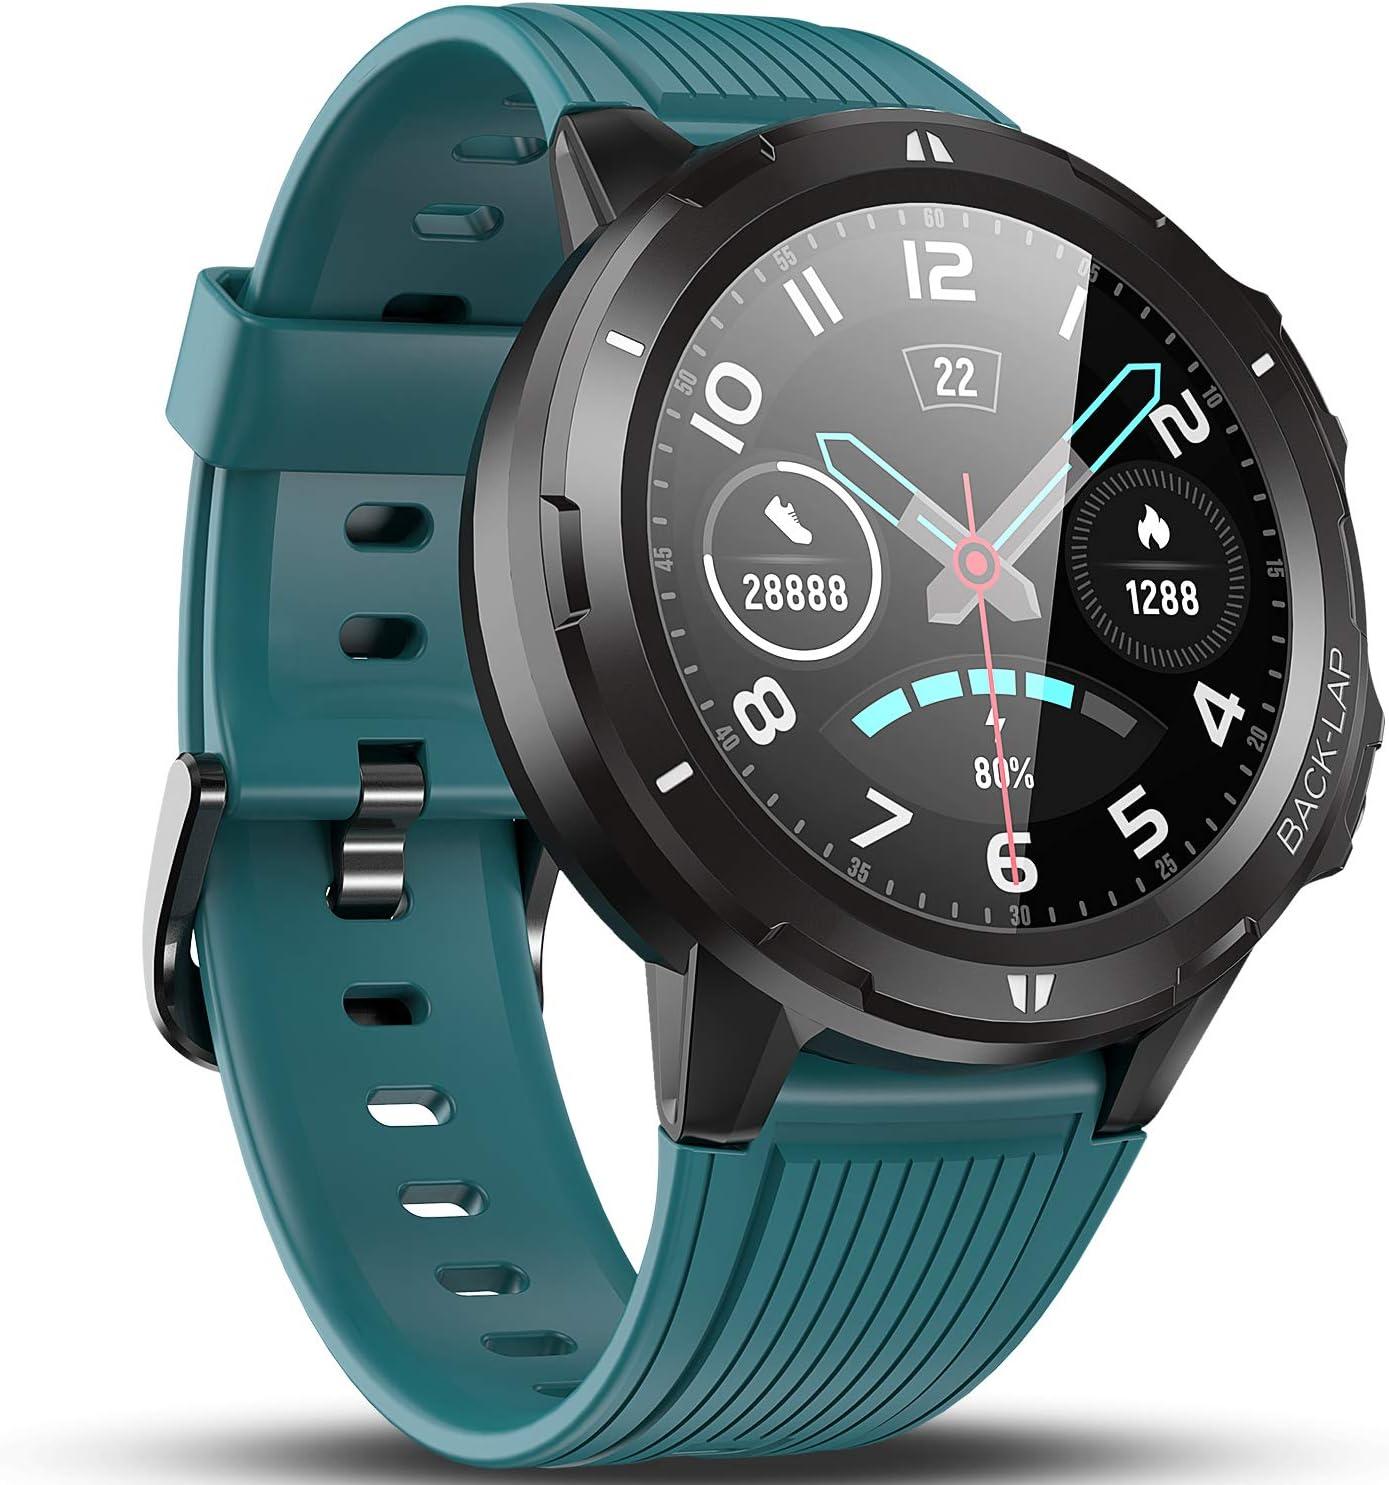 Vigorun Smartwatch Reloj Inteligente Hombre Mujer, Pantalla Táctil Completa Relojes Deportivos, Monitor Ritmo Cardíaco y Sueño, Podómetro, 5 ATM Impermeable Pulsera Actividad Inteligente Android Azul